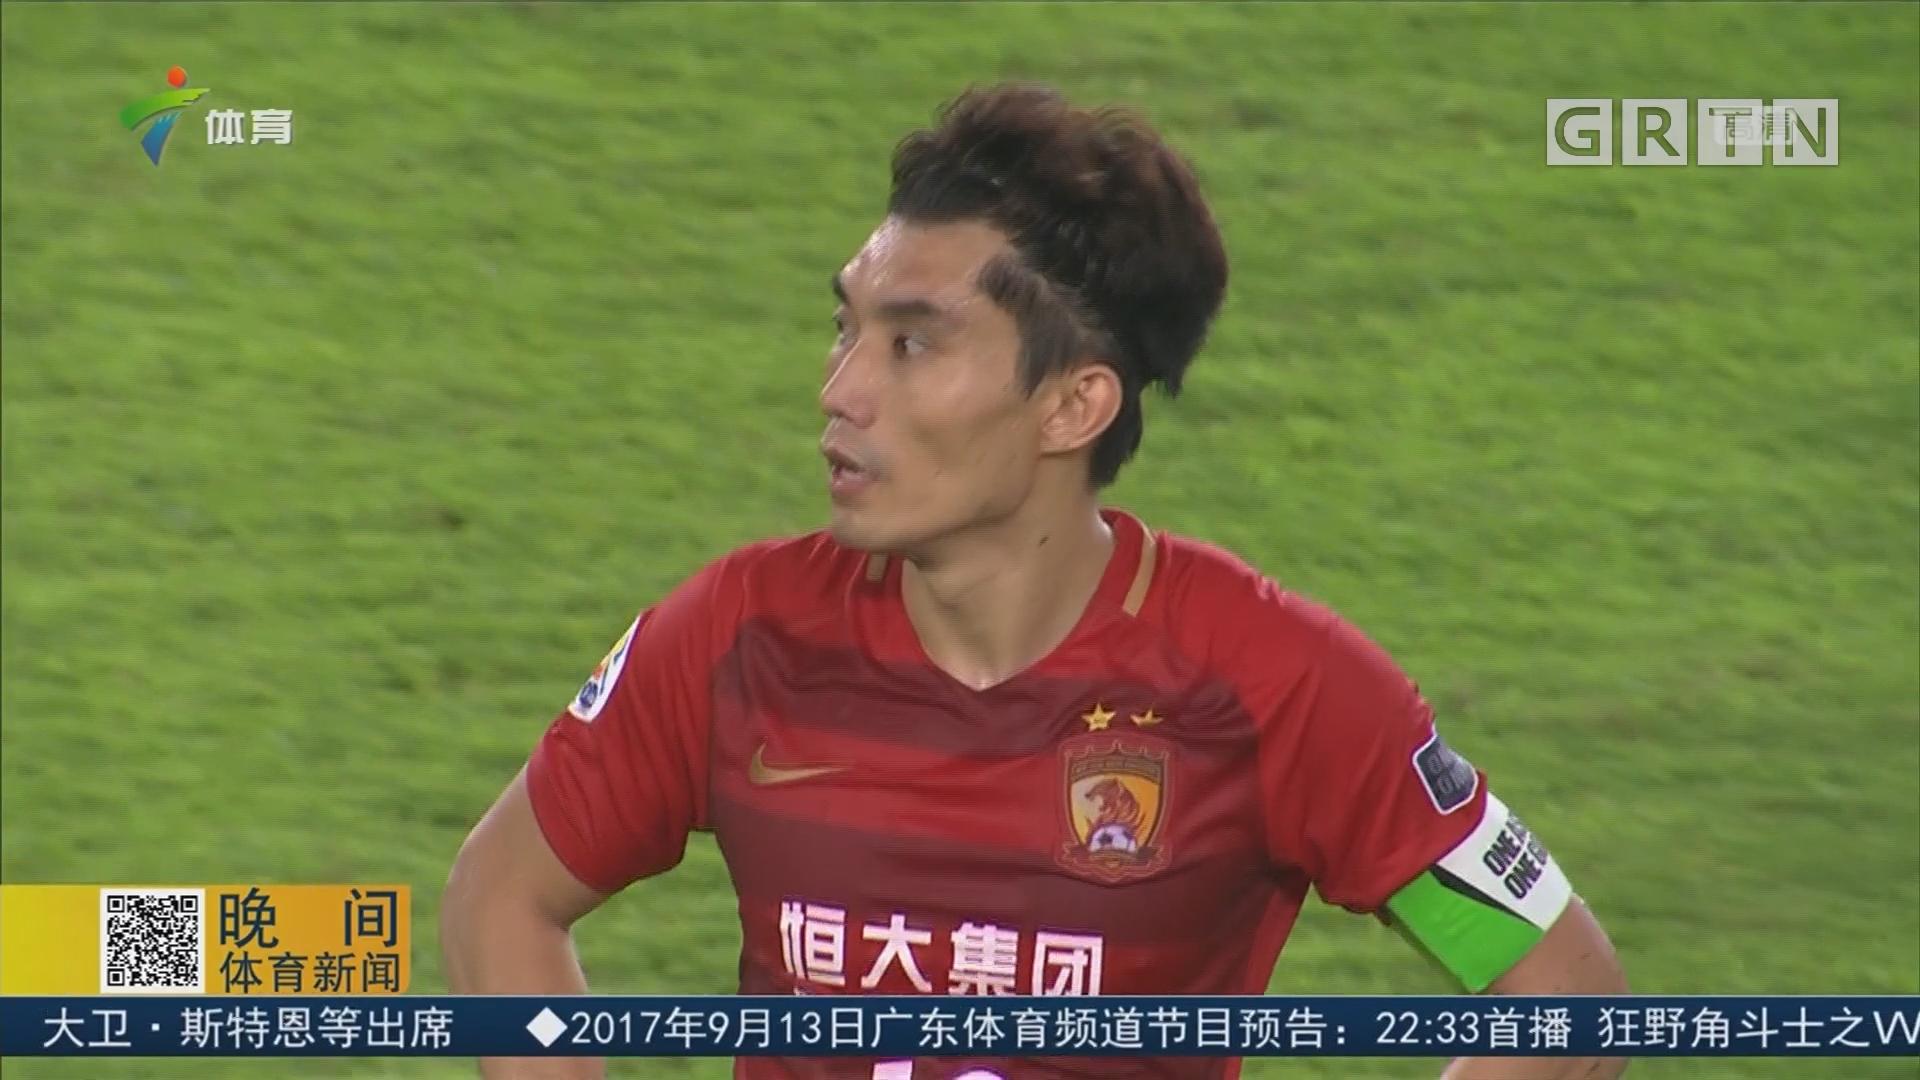 陈宁:郑智是年轻球员的楷模